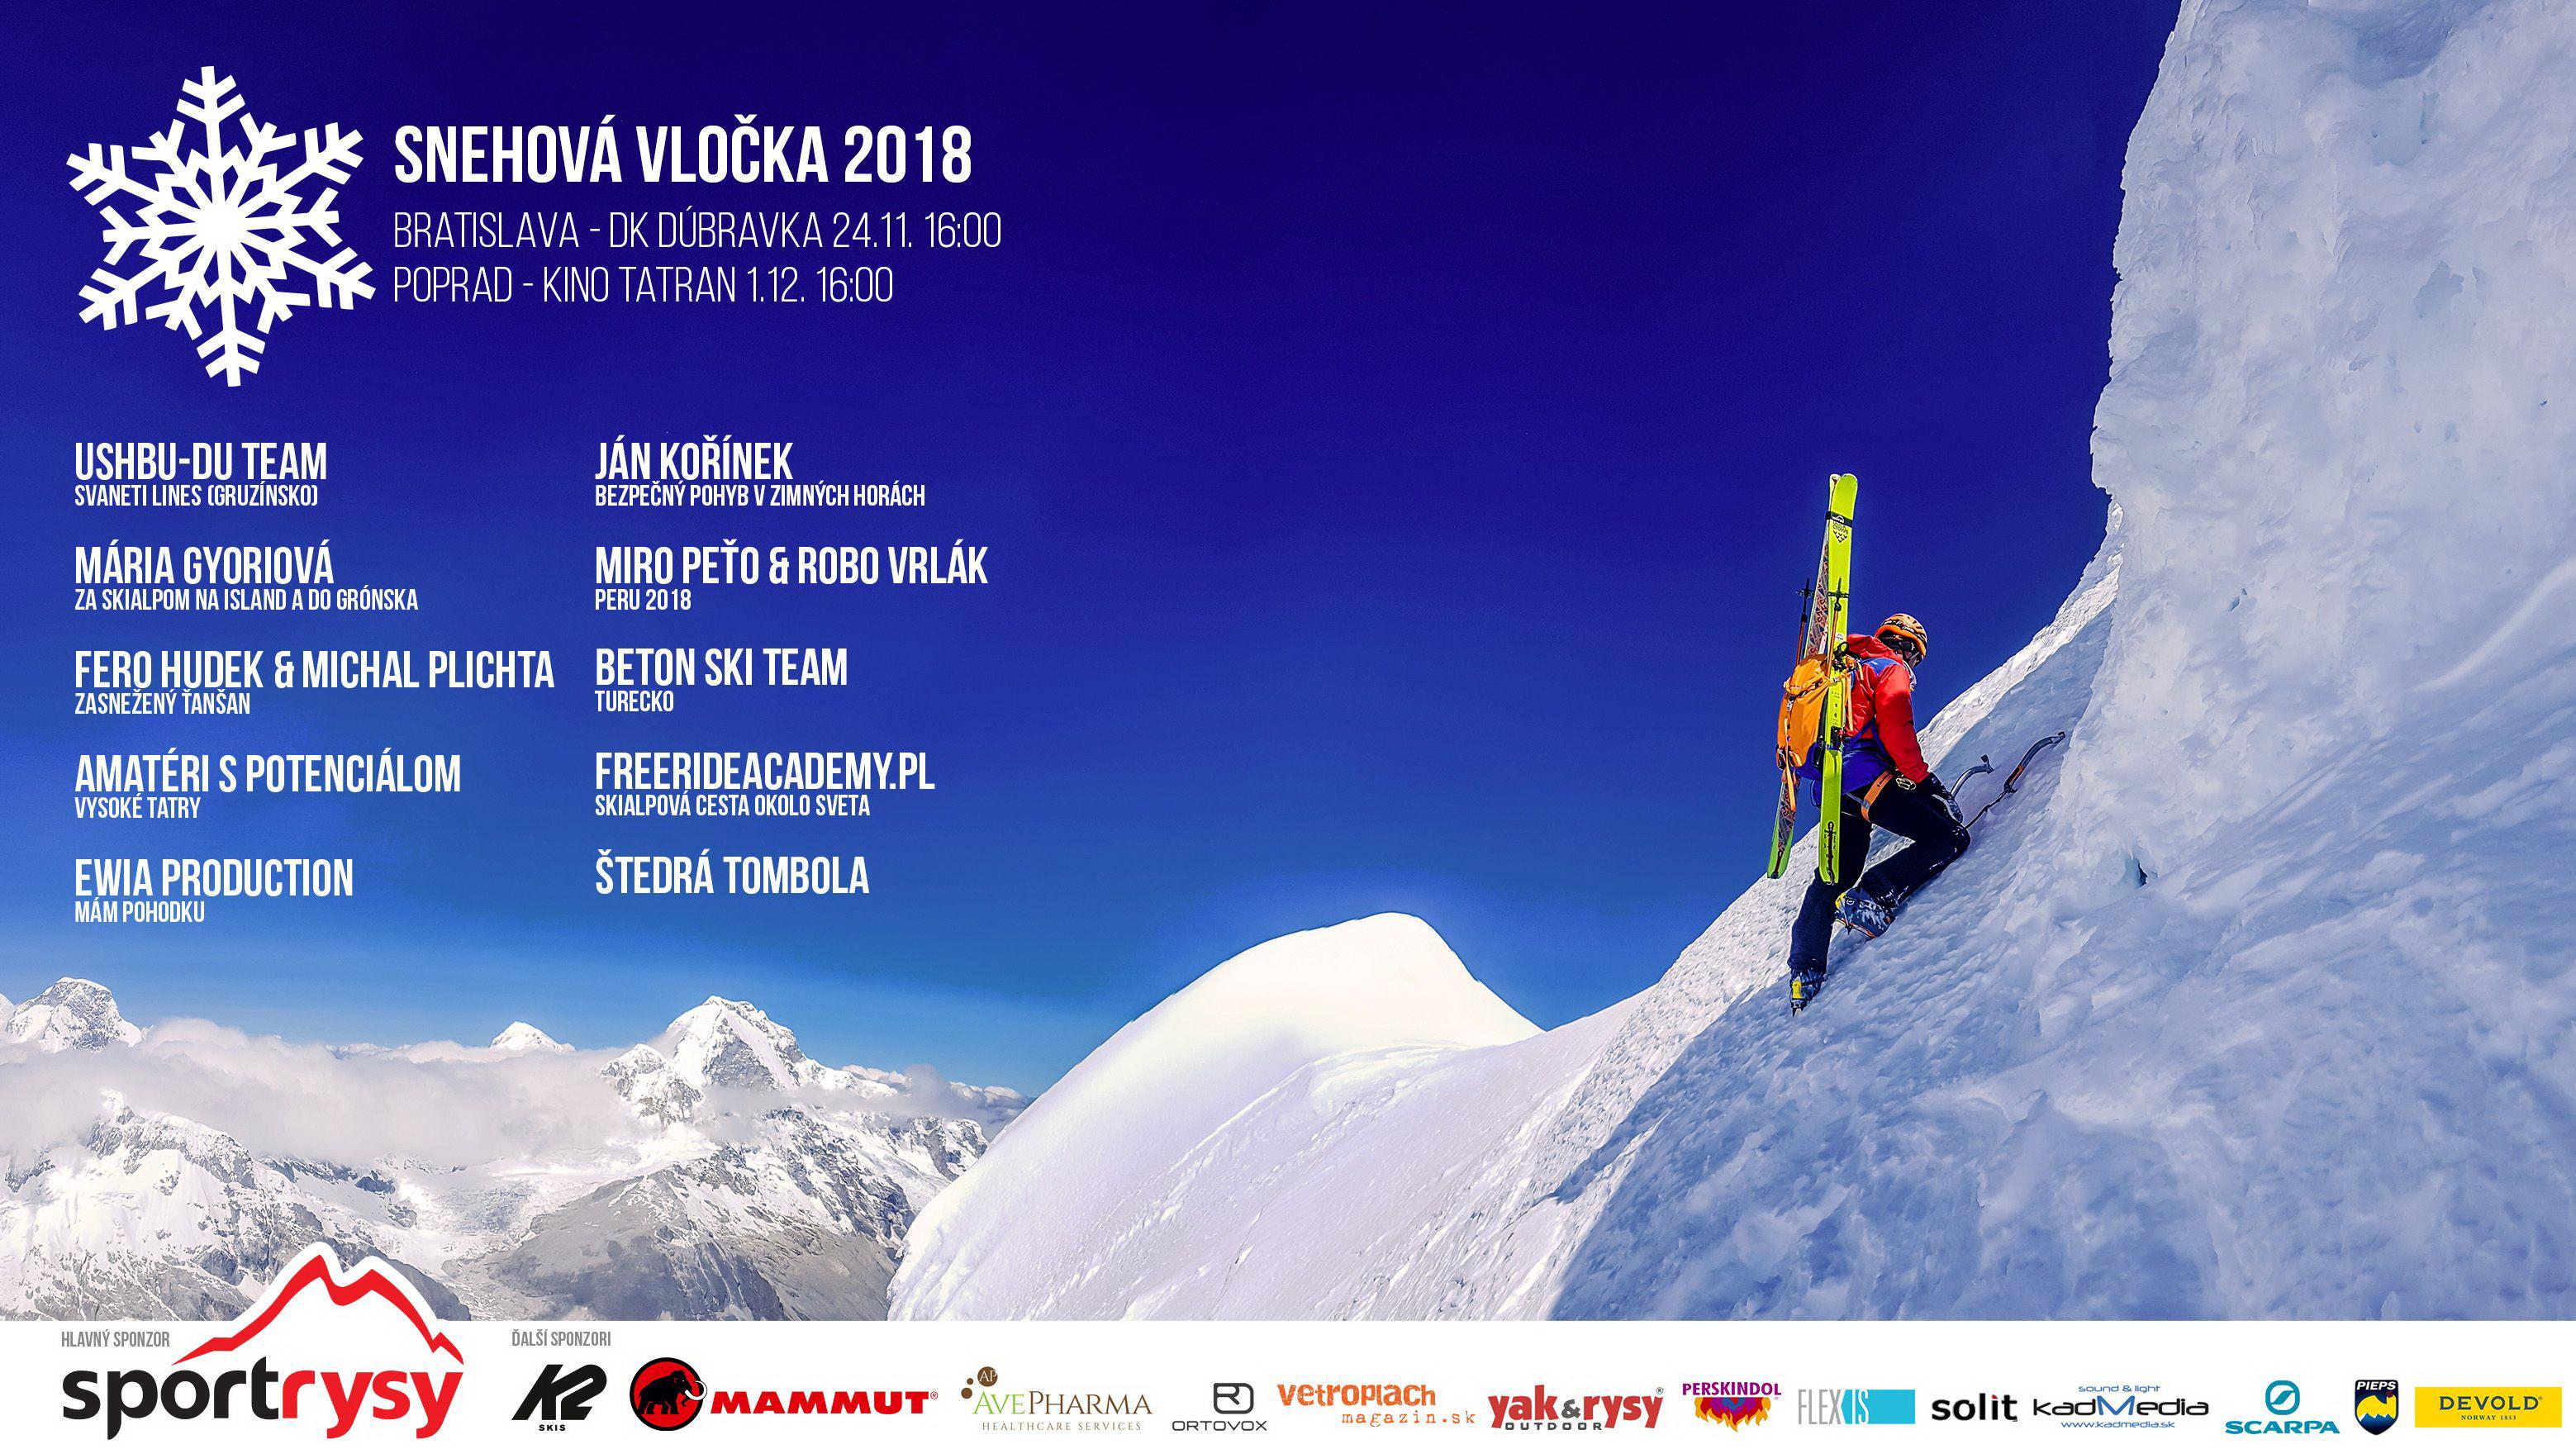 Snehová_vločka_2018